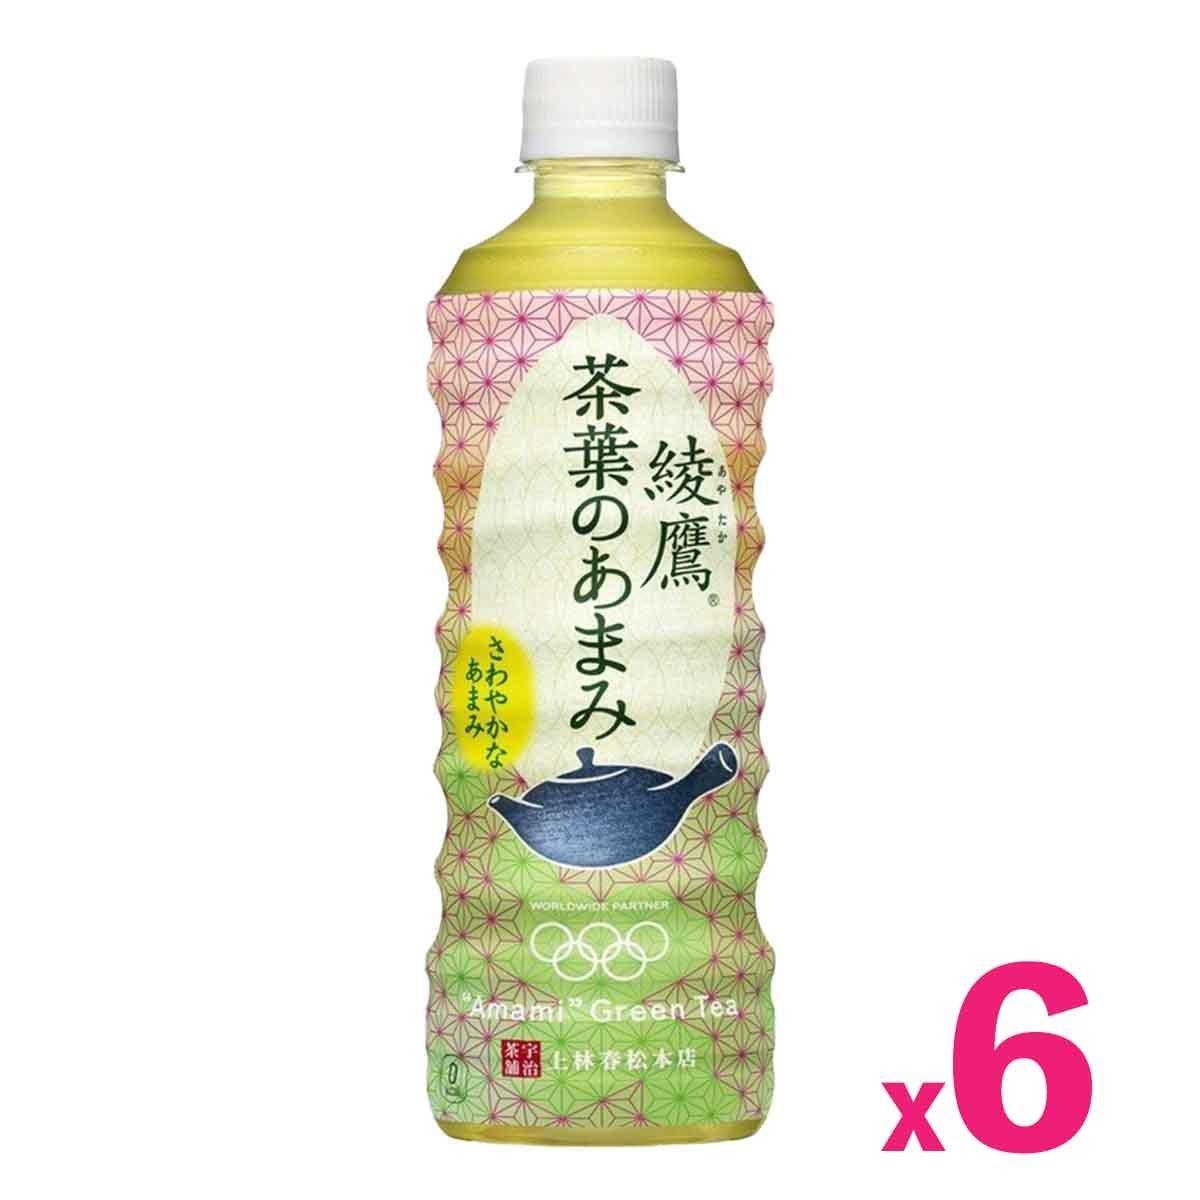 「日本版」綾鷹玉露綠茶 (525毫升) x 6支